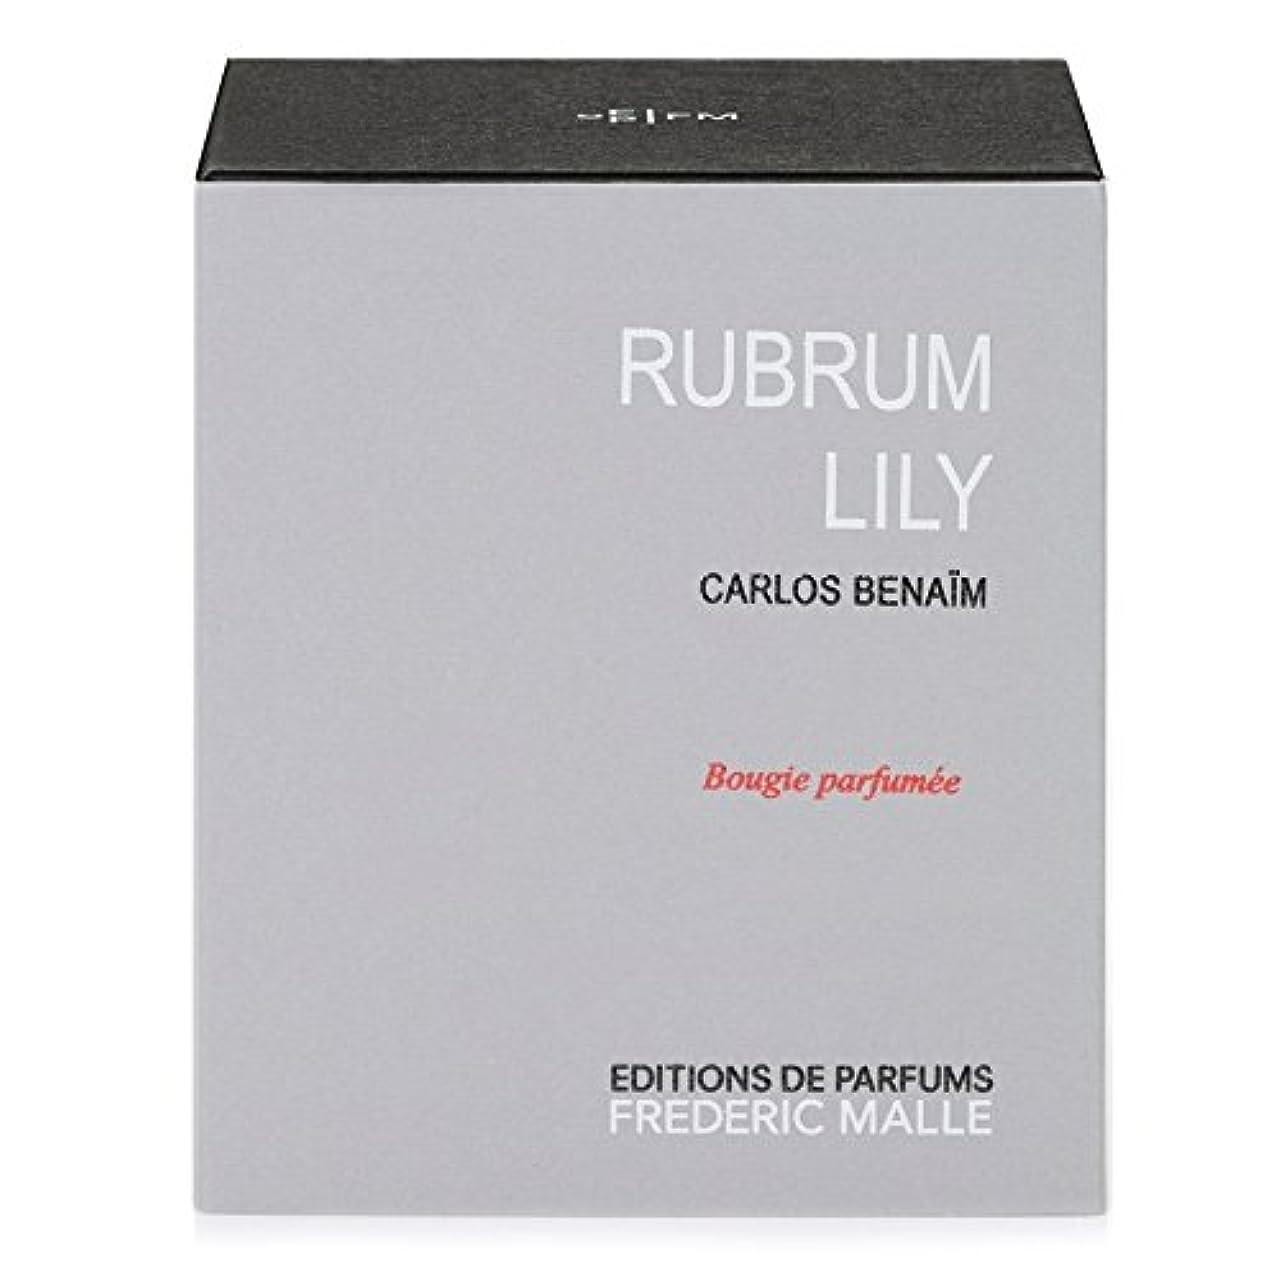 蒸発ミッションラウズFrederic Malle Rubrum Lily Scented Candle (Pack of 4) - フレデリック?マルルブルムユリの香りのキャンドル x4 [並行輸入品]